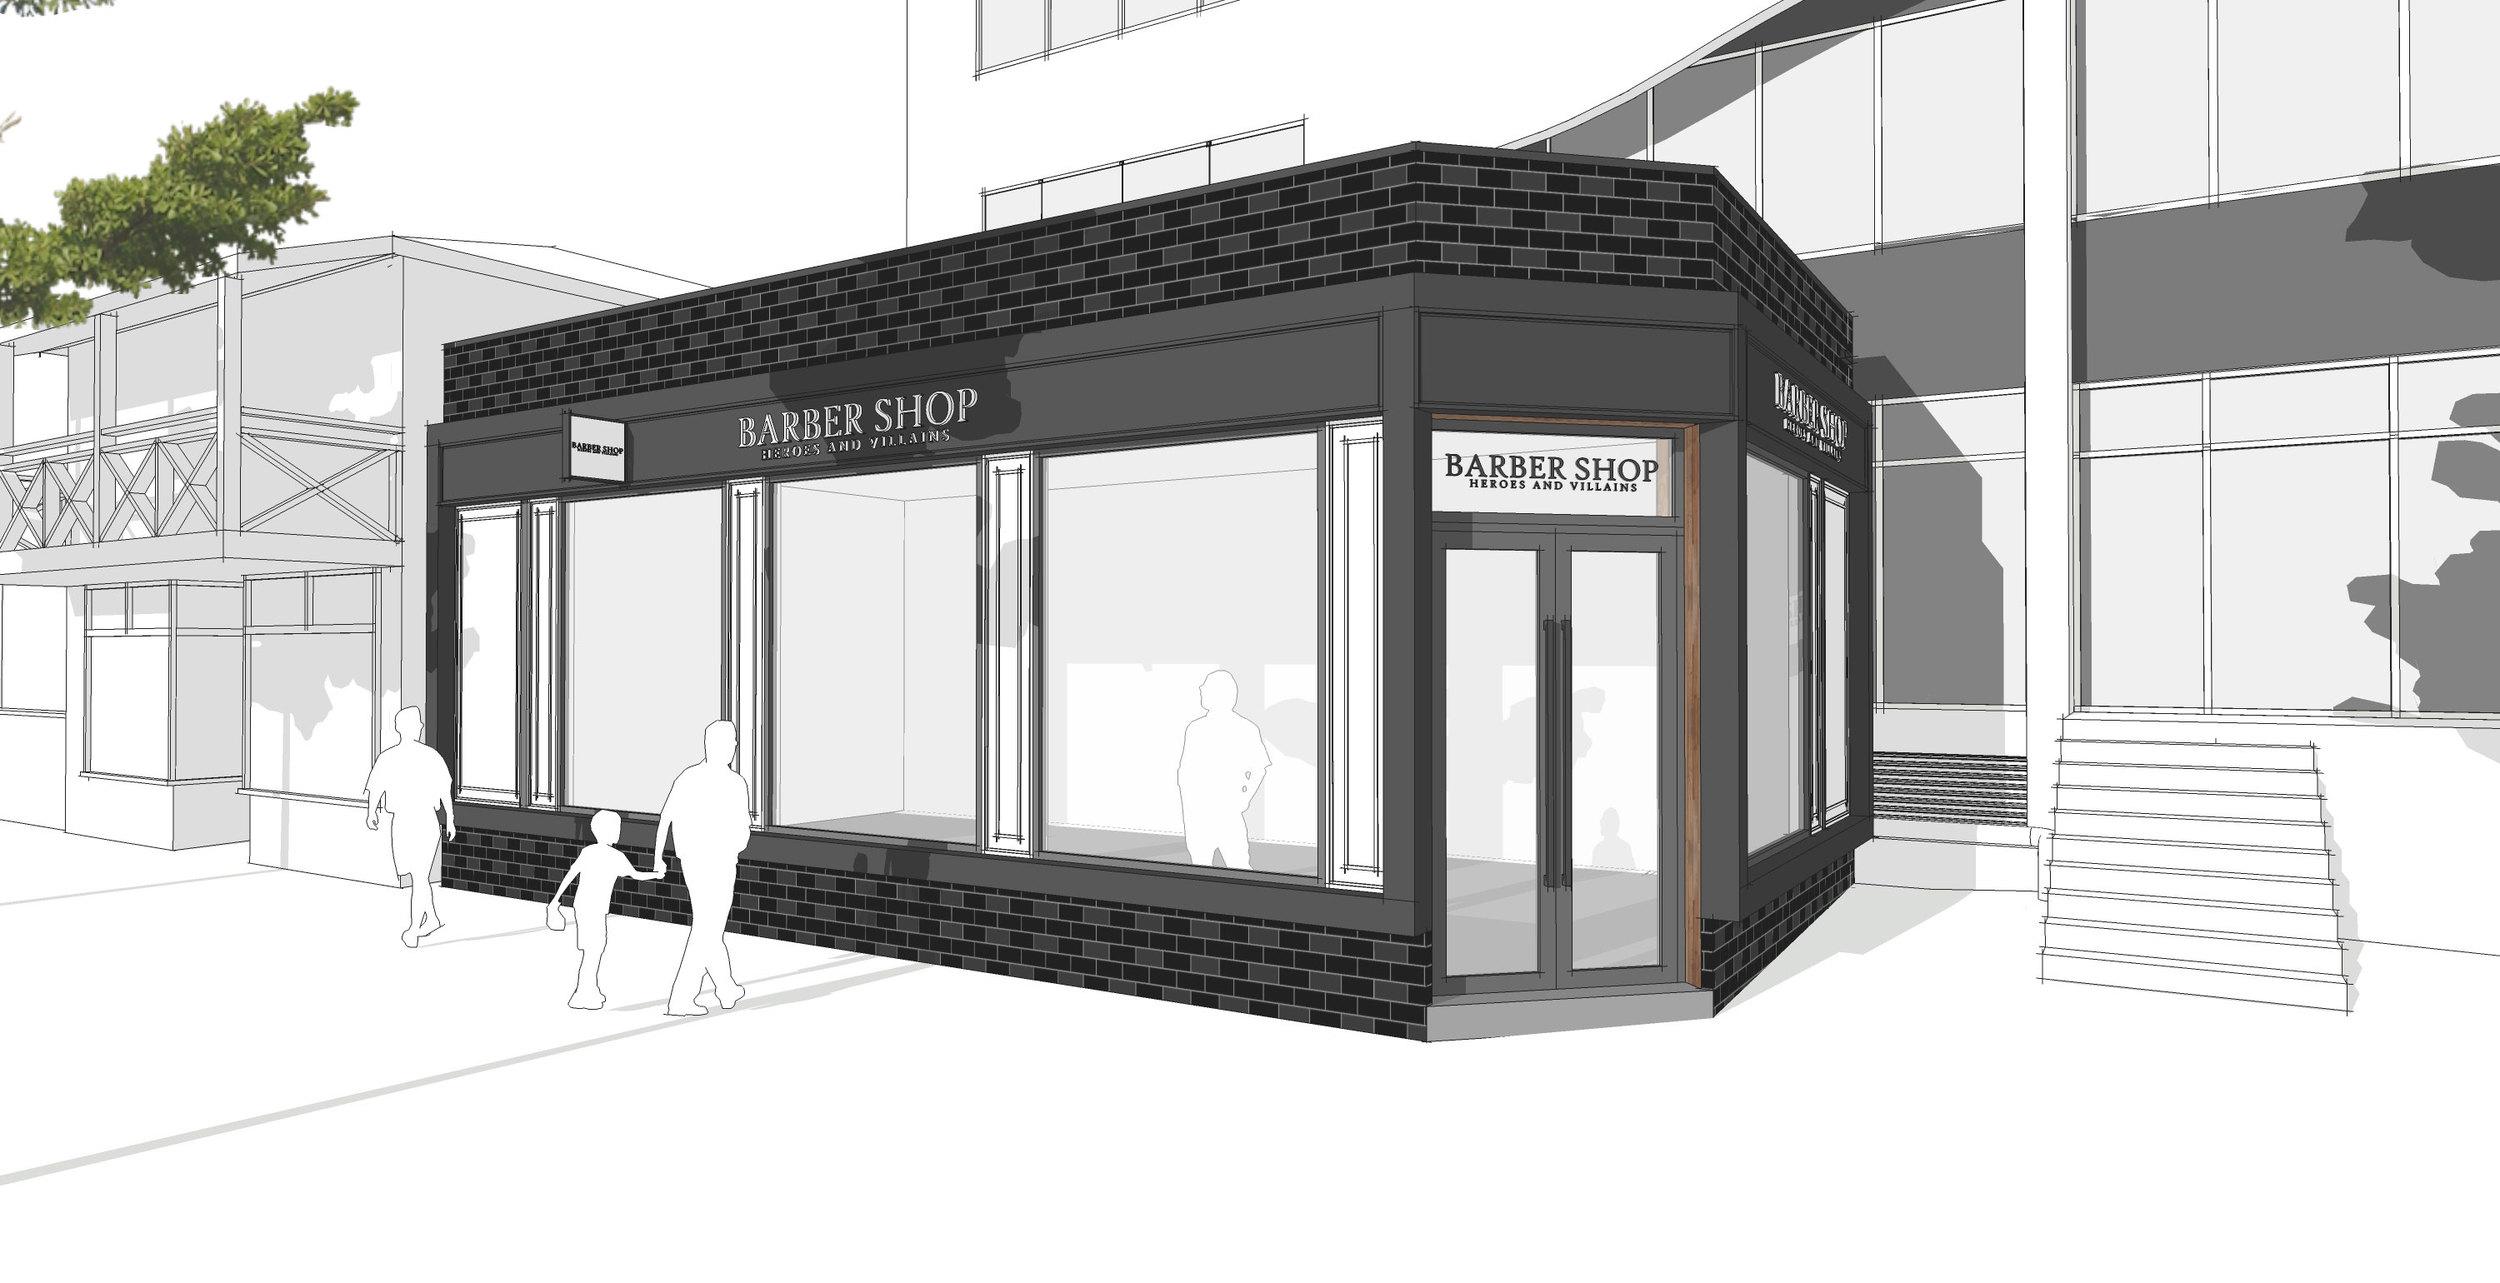 melbourne street retail 01